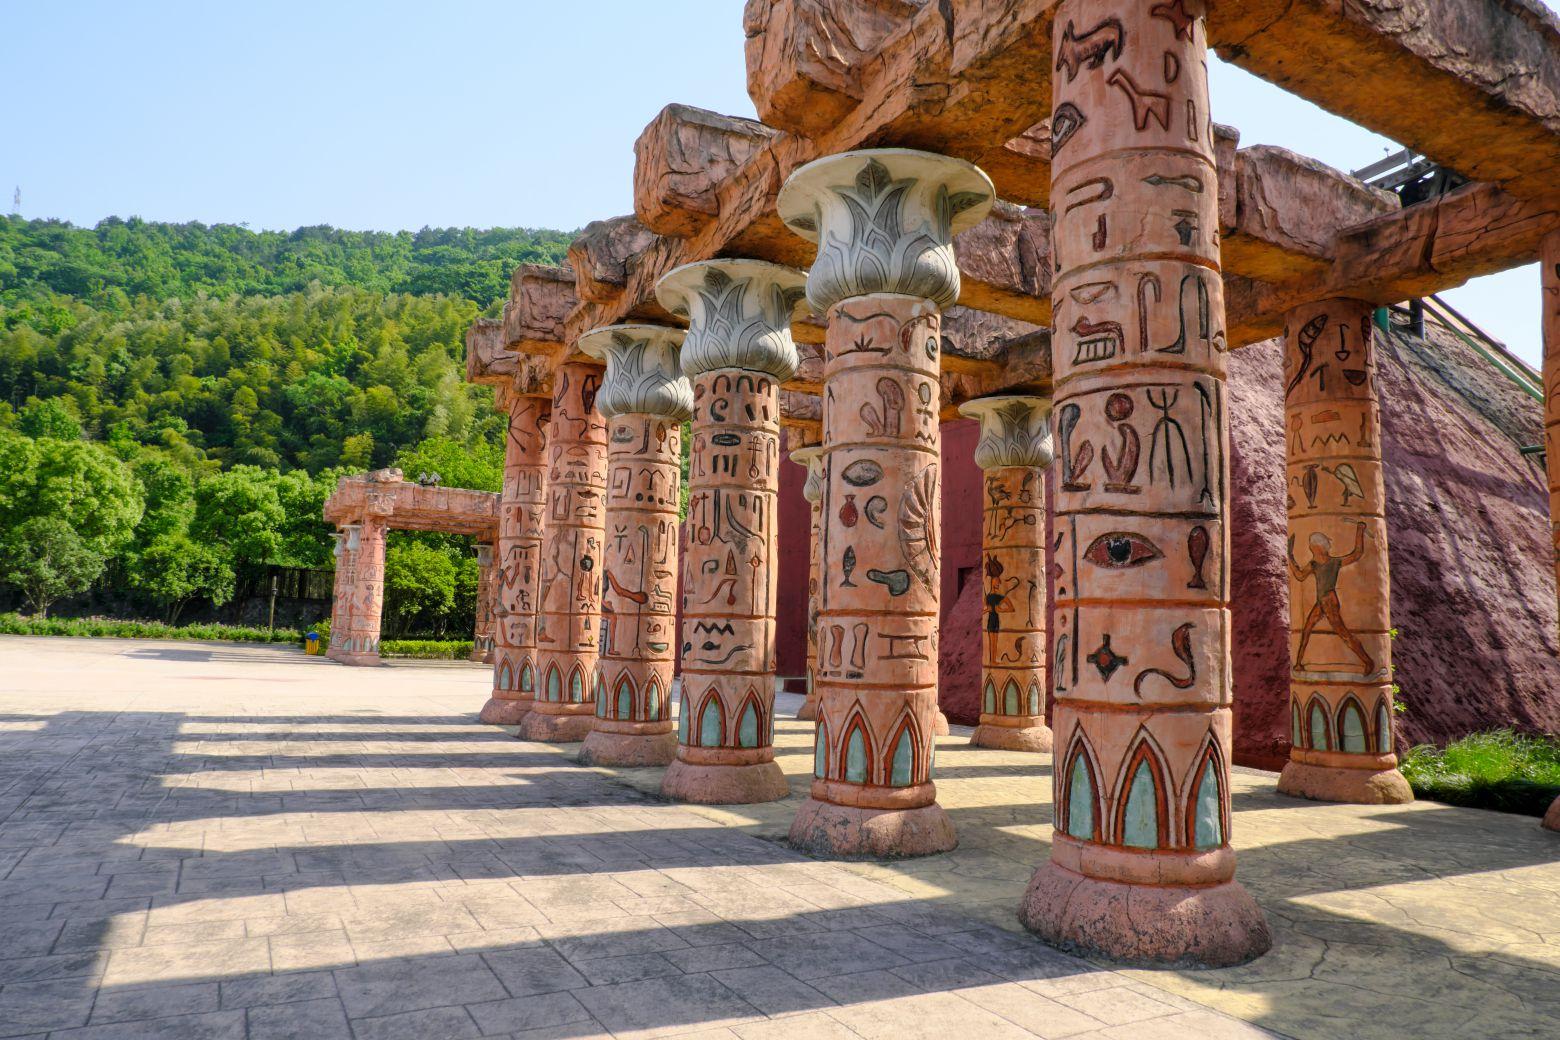 埃及元素走廊柱子照片 -  免费正版图片